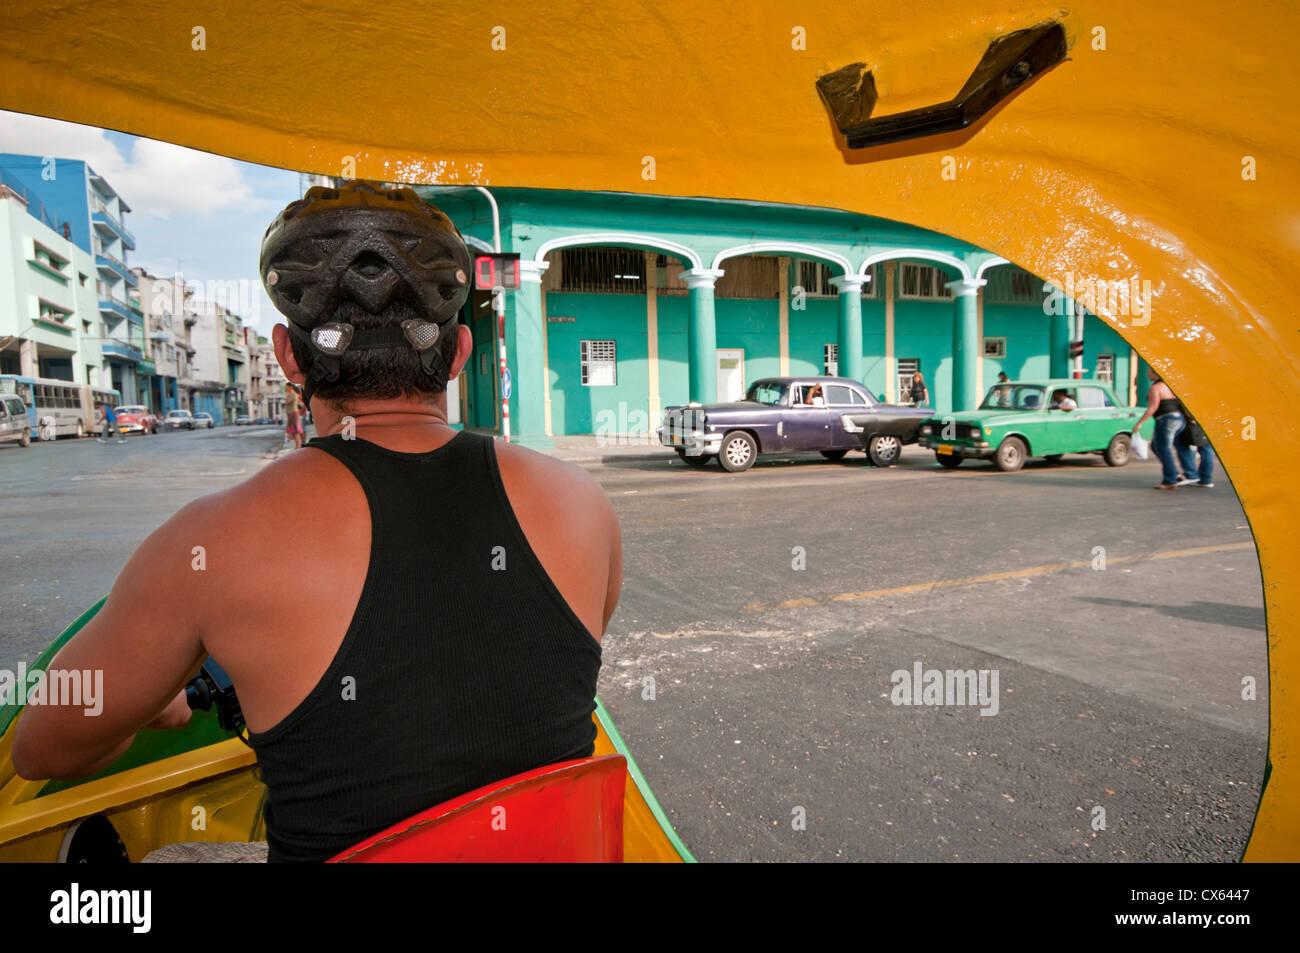 Un scooter de 3 ruedas Cocotaxi Amarillo Taxi, Habana, Vedado, La Habana, Cuba, El Caribe Imagen De Stock